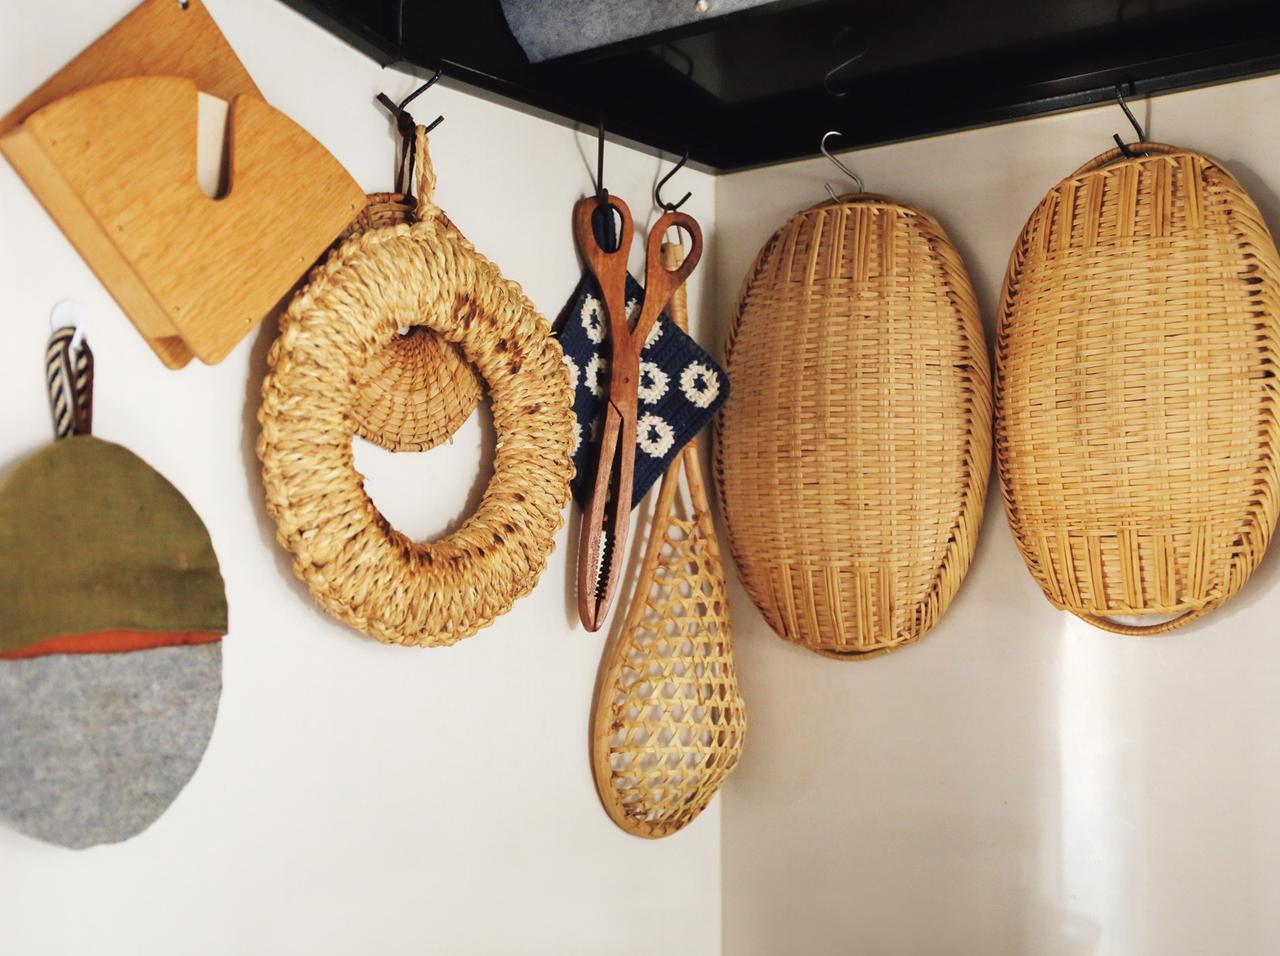 画像: 使用頻度の高いかごやざるは、コンロの上に吊るして収納。「熱で乾くので、洗って、ざっと水をきったら、フックにかけて吊るしています」。左の鍋つかみは、はぎれを使った美濃羽さんの手づくり(※トップの写真 7)